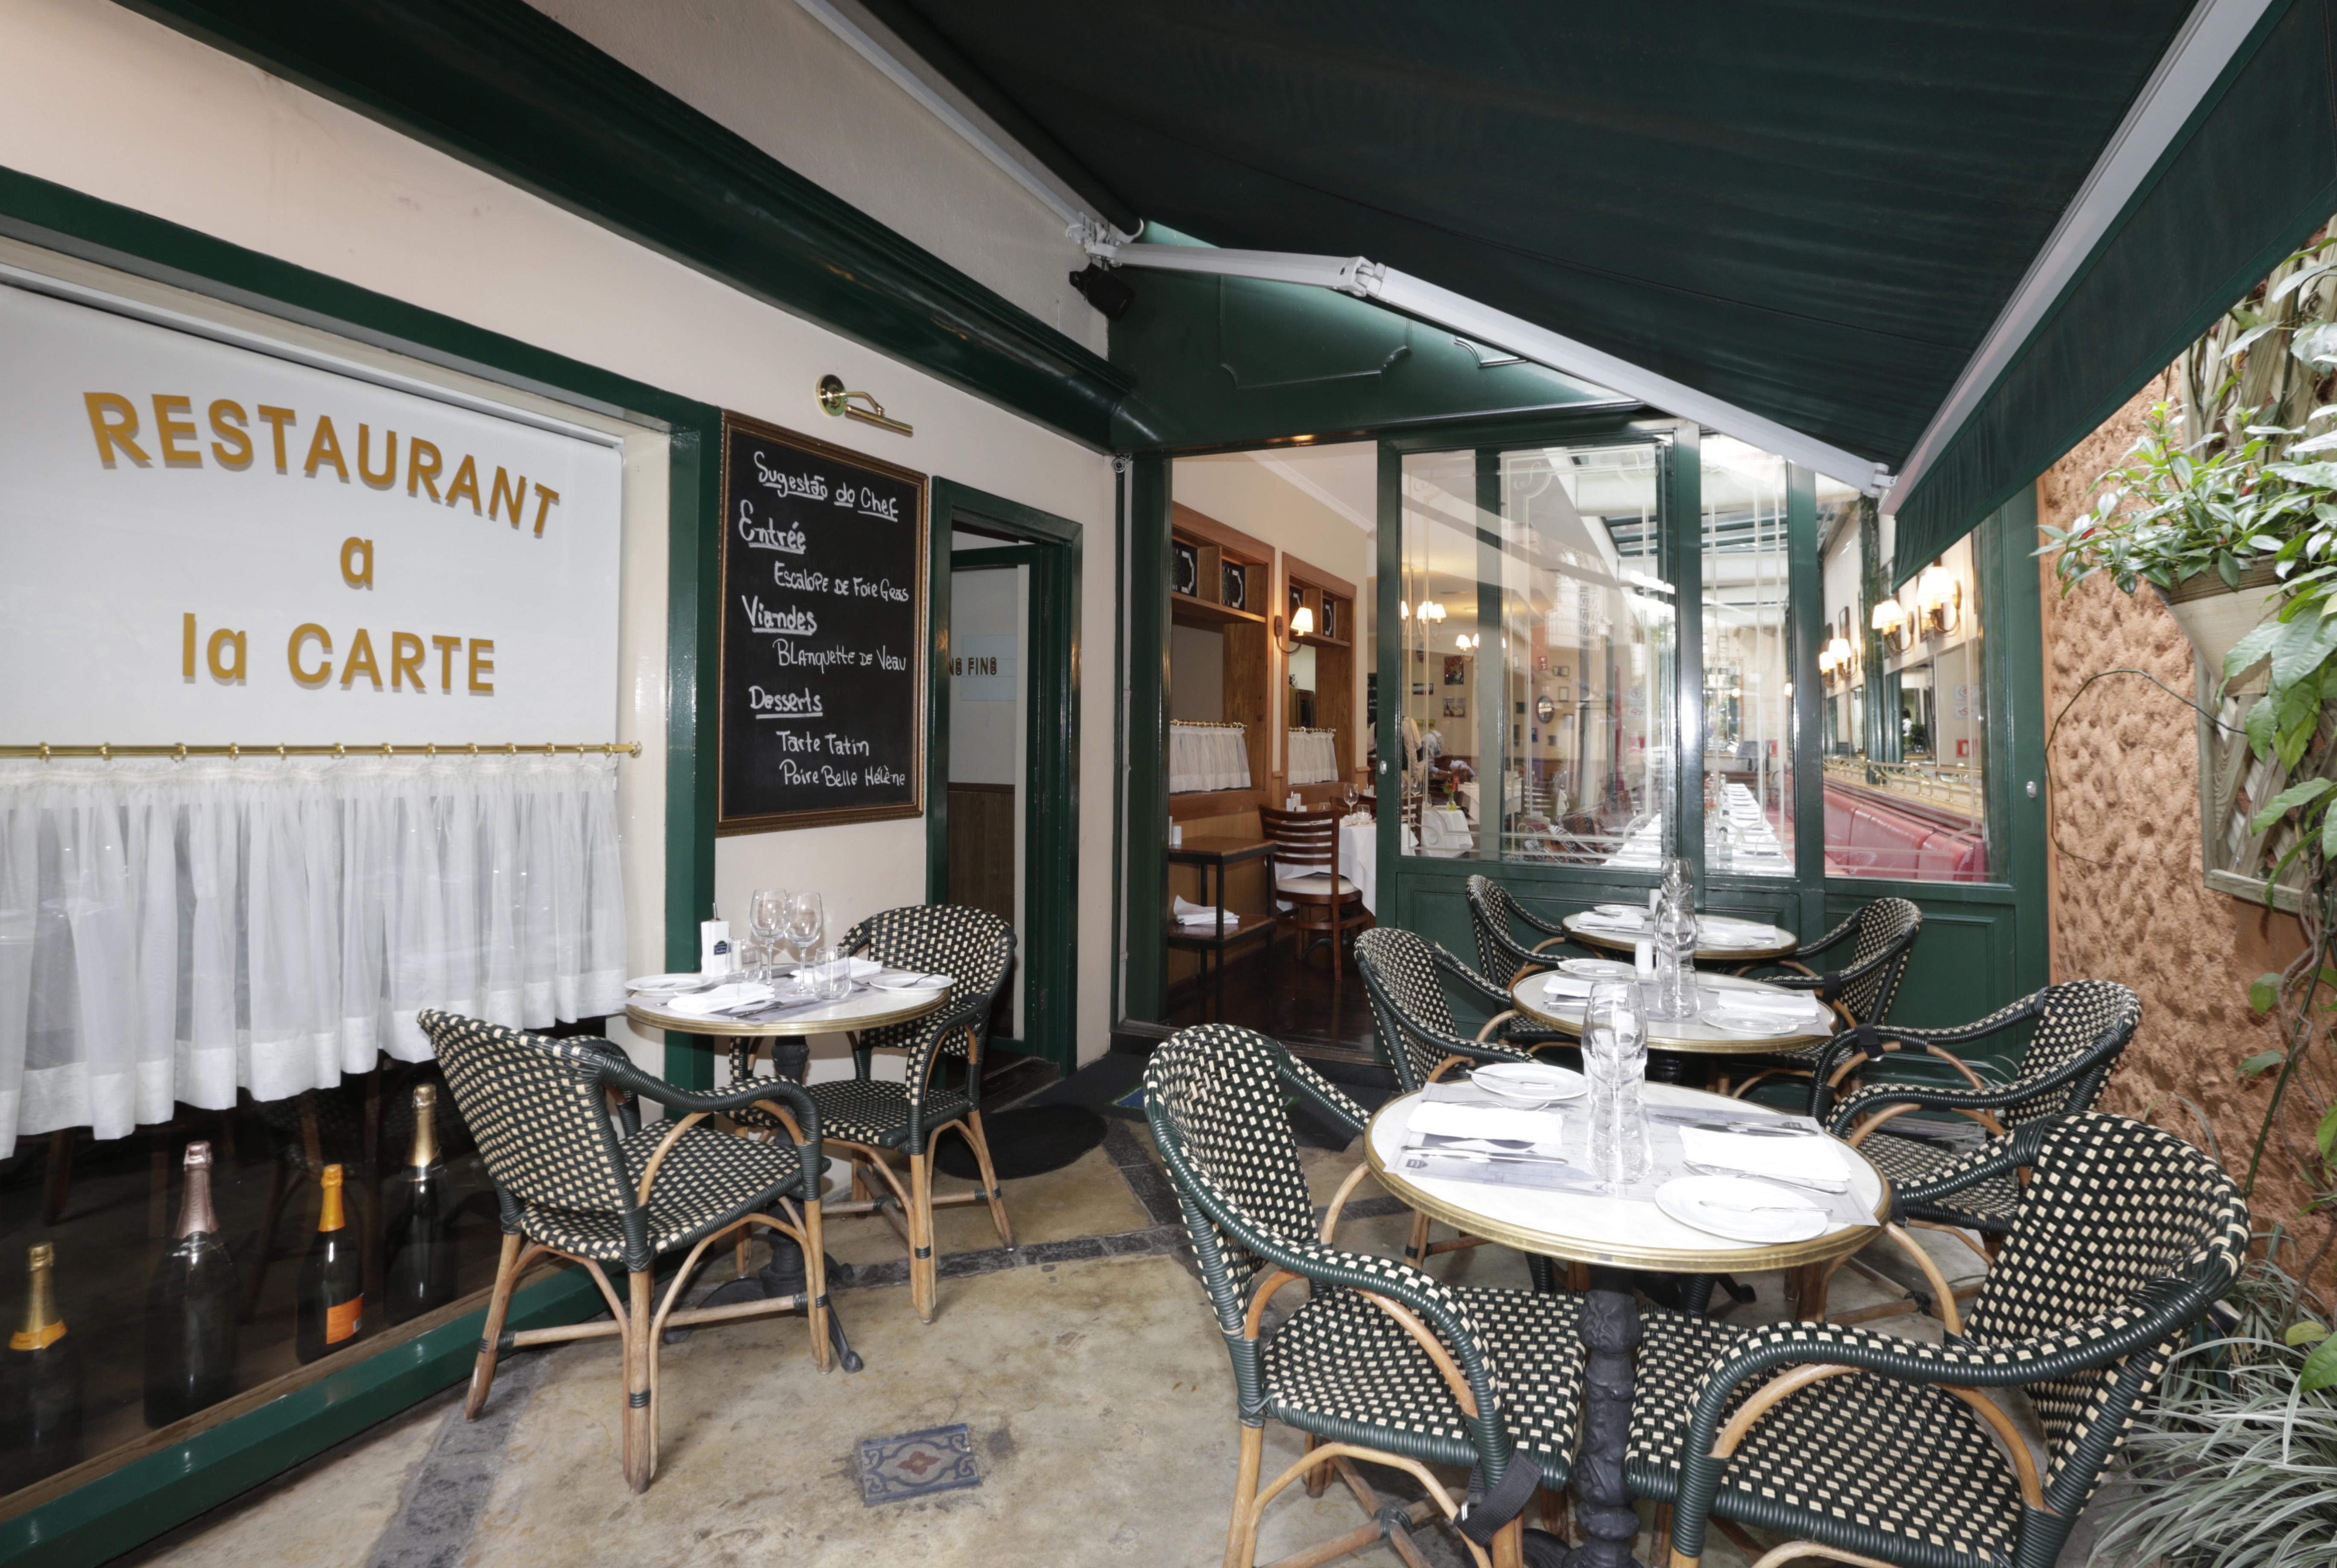 """Restaurante - São Paulo (SP) _ 17.06.2015 – Restaurante Bistrot de Paris - Rua Augusta, 2542 - Jardim Paulista. Na foto, o prato """"Raclette Traditionnelle"""", com o tradicional queijo raclette. Foto: Jose Cordeiro/SPTuris"""